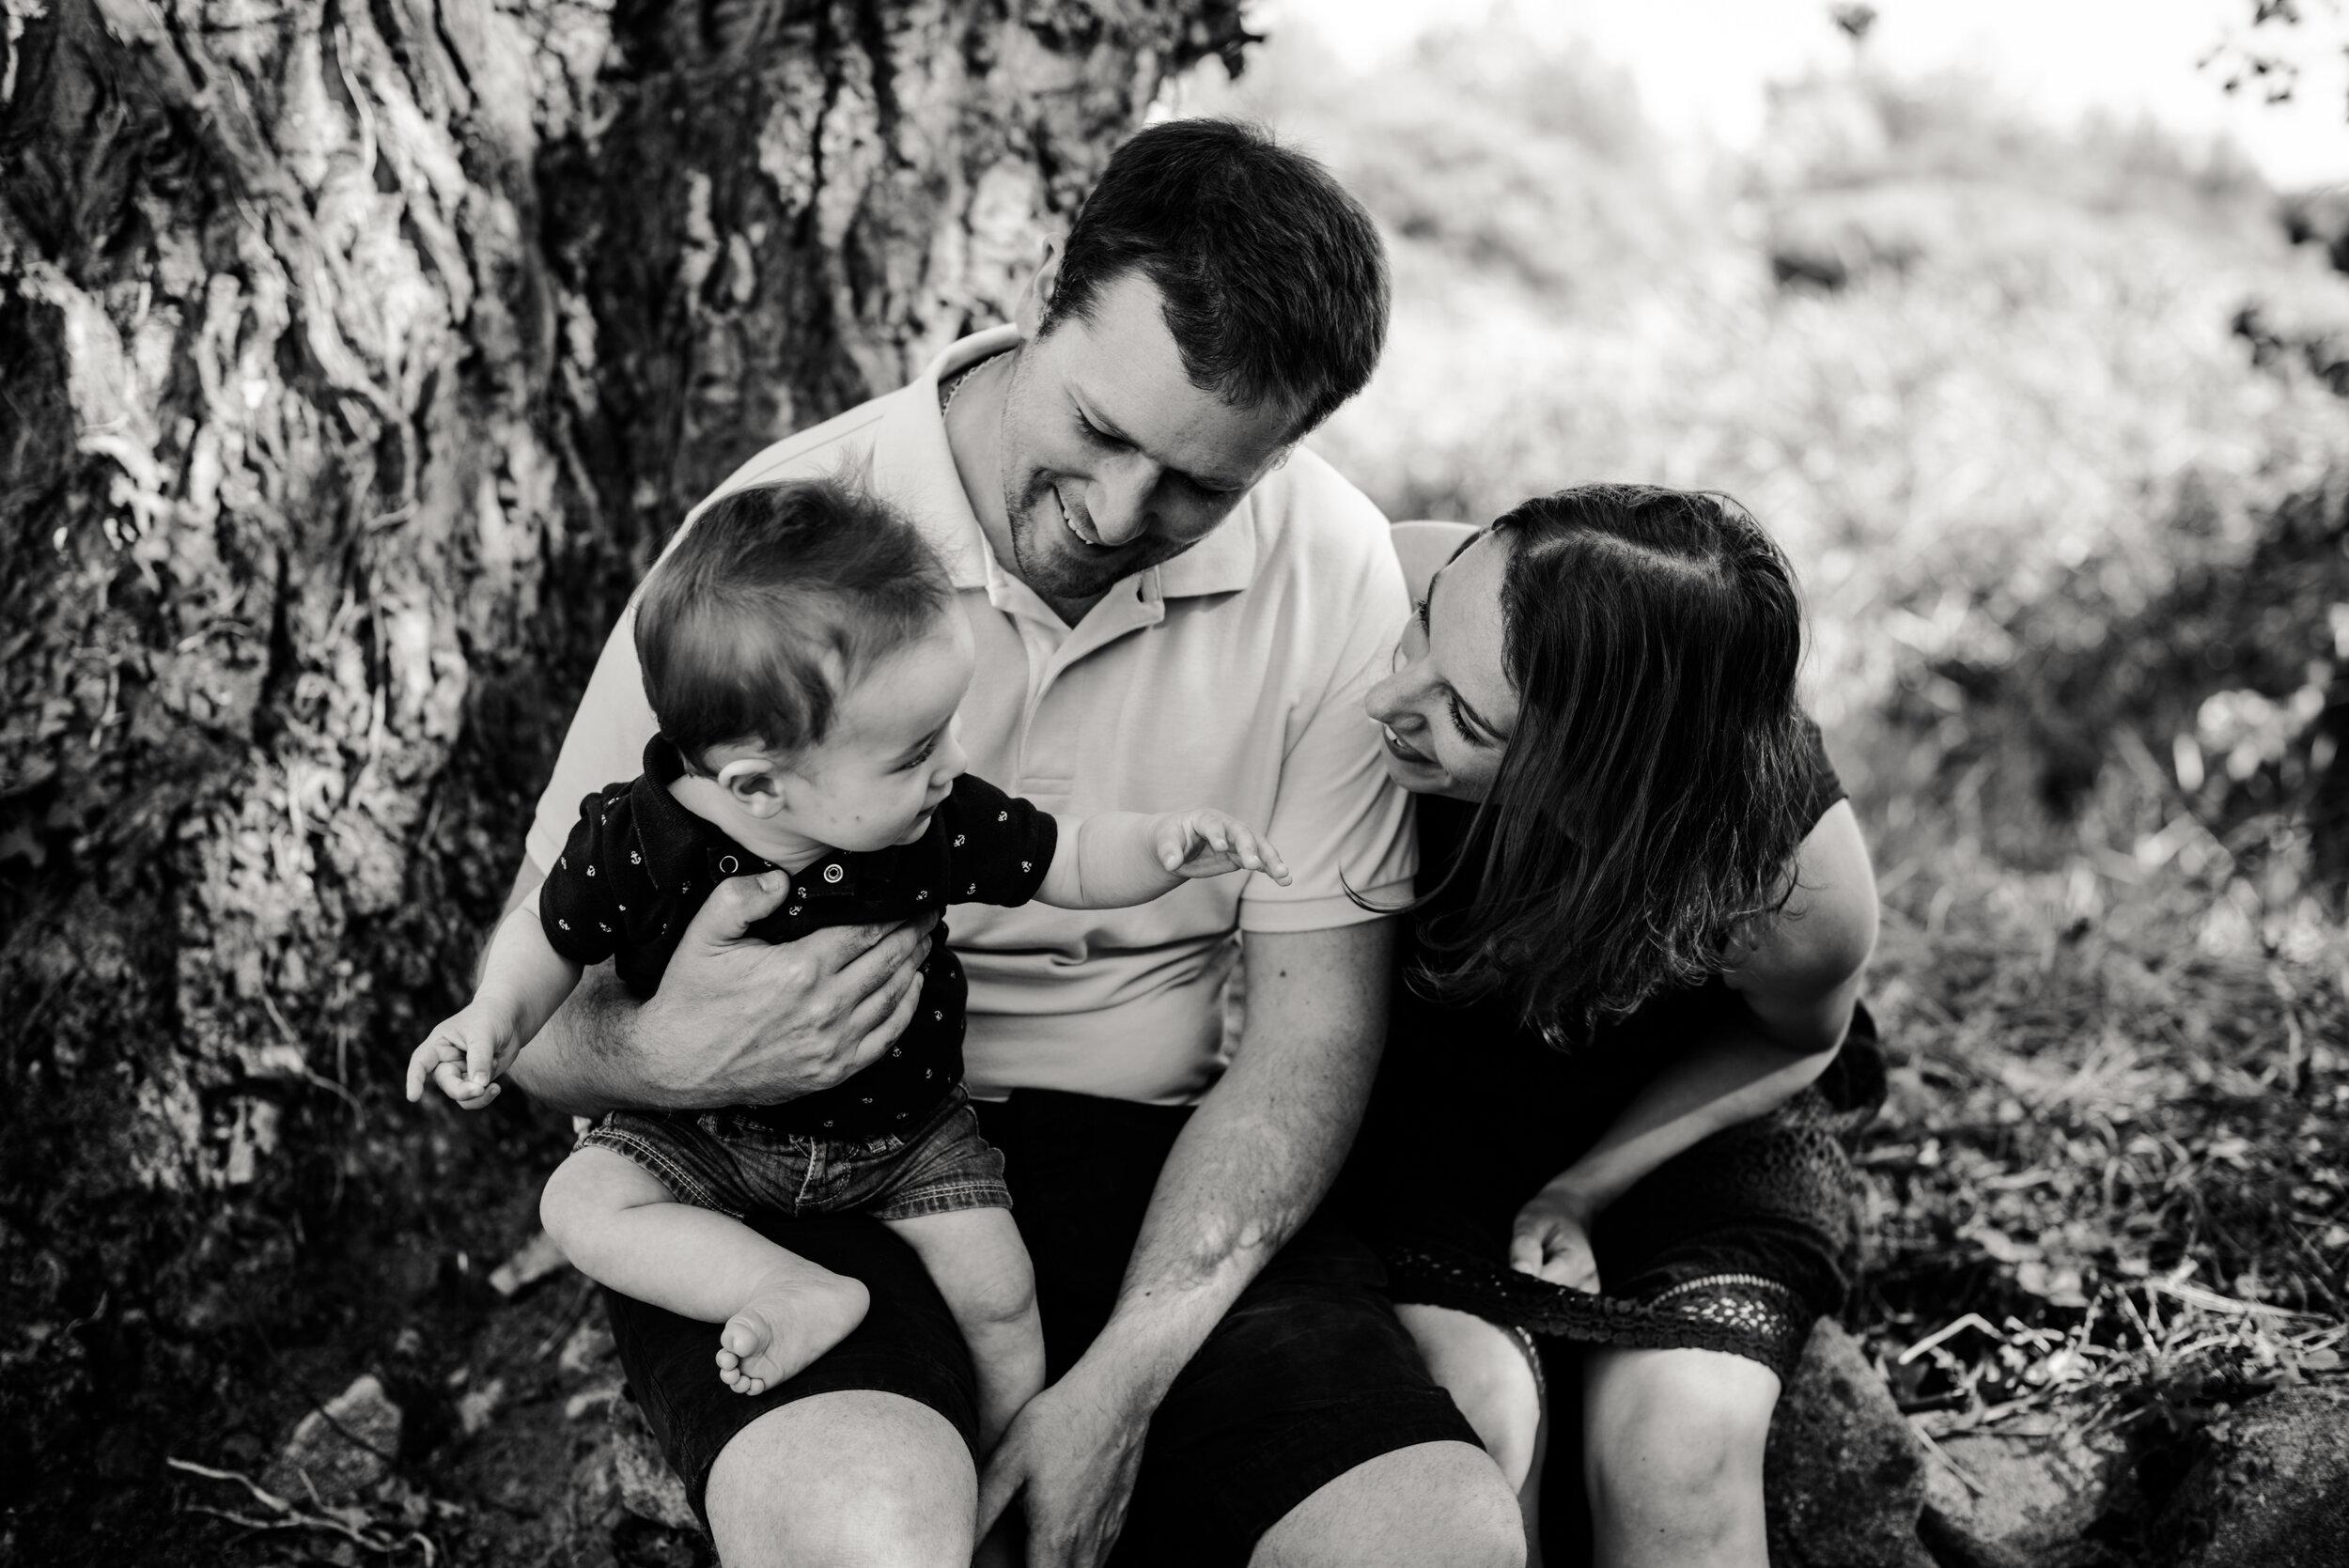 Léa-Fery-photographe-professionnel-Bretagne-portrait-creation-mariage-evenement-evenementiel-famille-5574.jpg